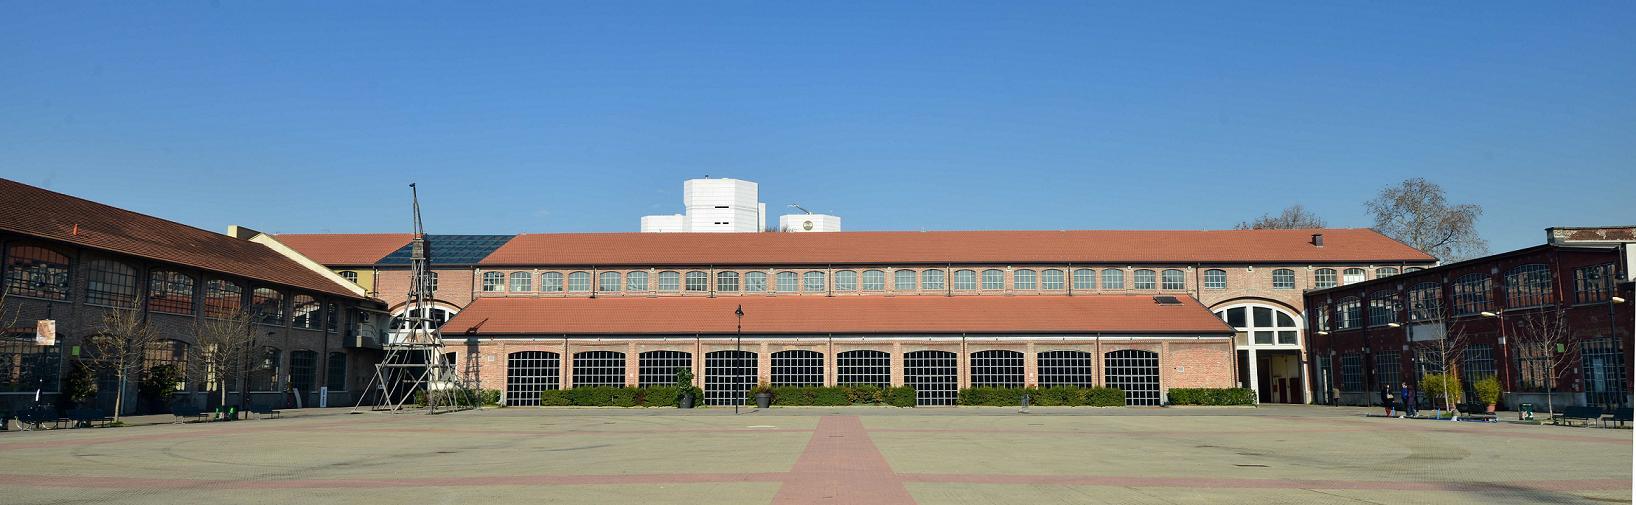 Milano, la Fabbrica del Vapore